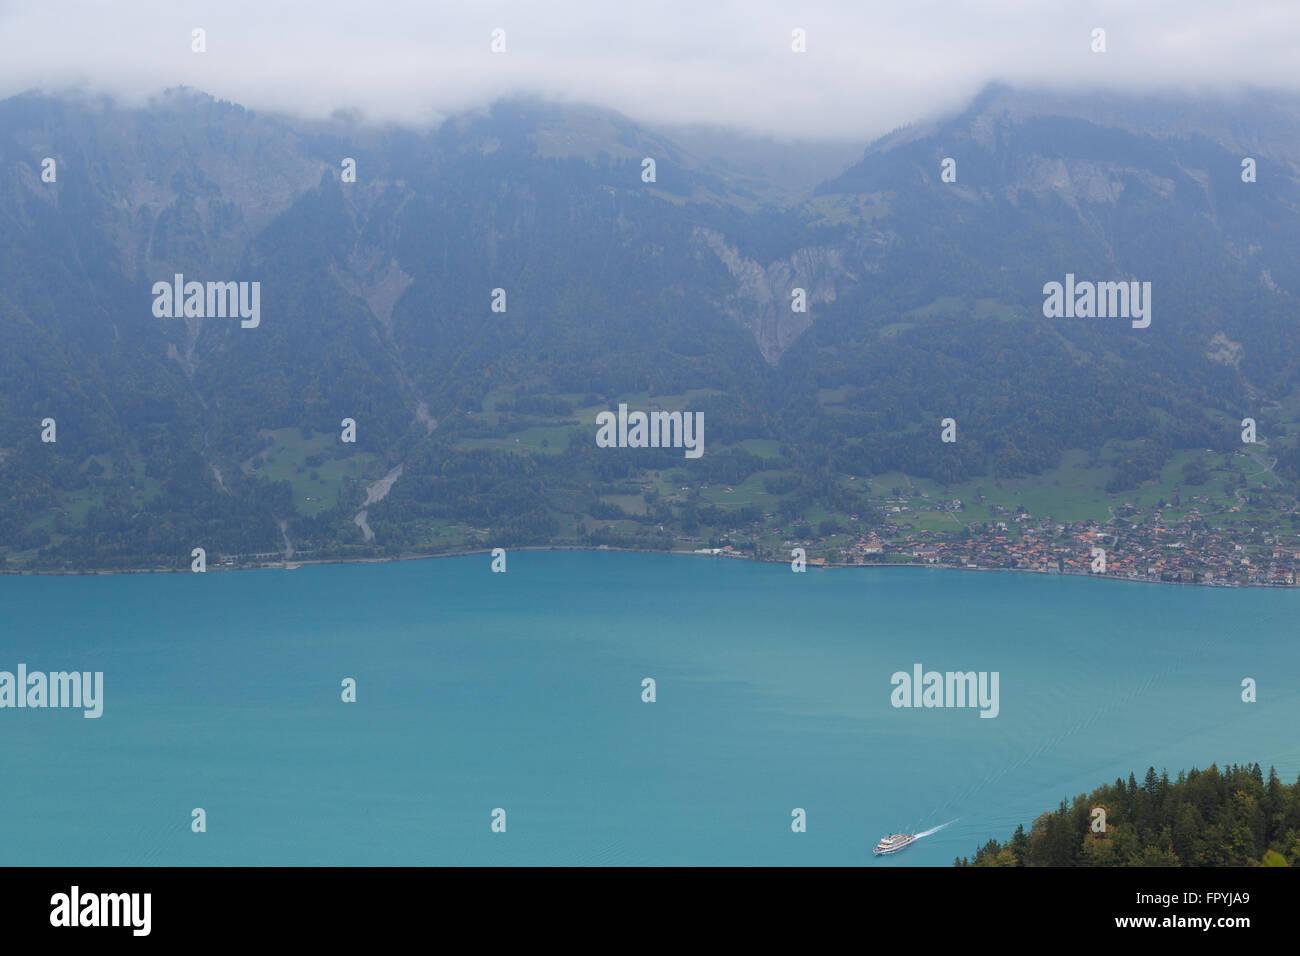 Eine Landschaft Fotografie eine Personenfähre auf dem Brienzersee in der Schweiz. Stockfoto